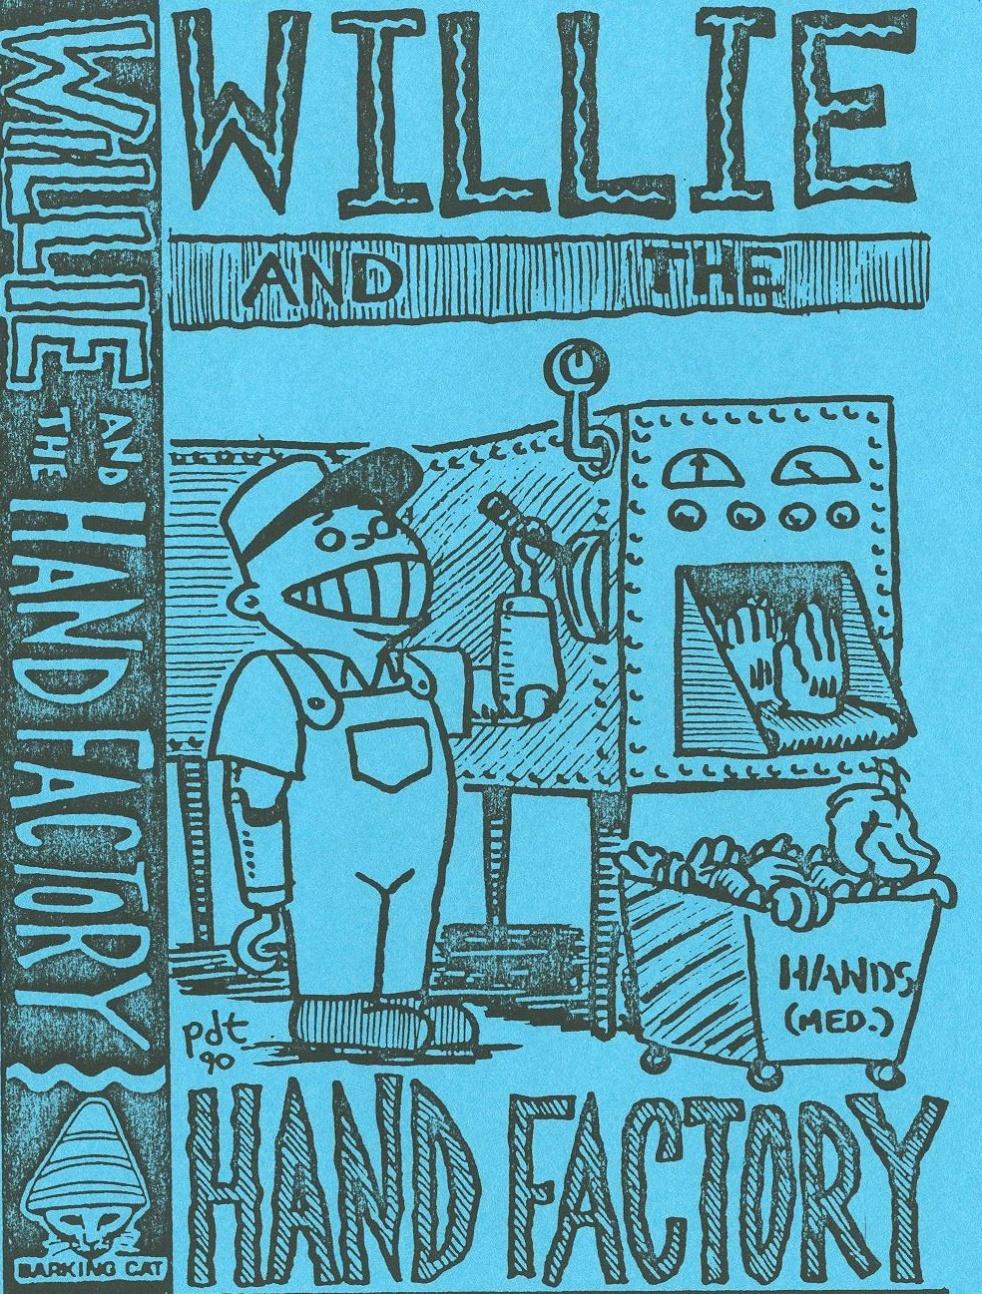 Bill Scoggins' Vinyl Universe 78 45 33 - immagine di copertina dello show